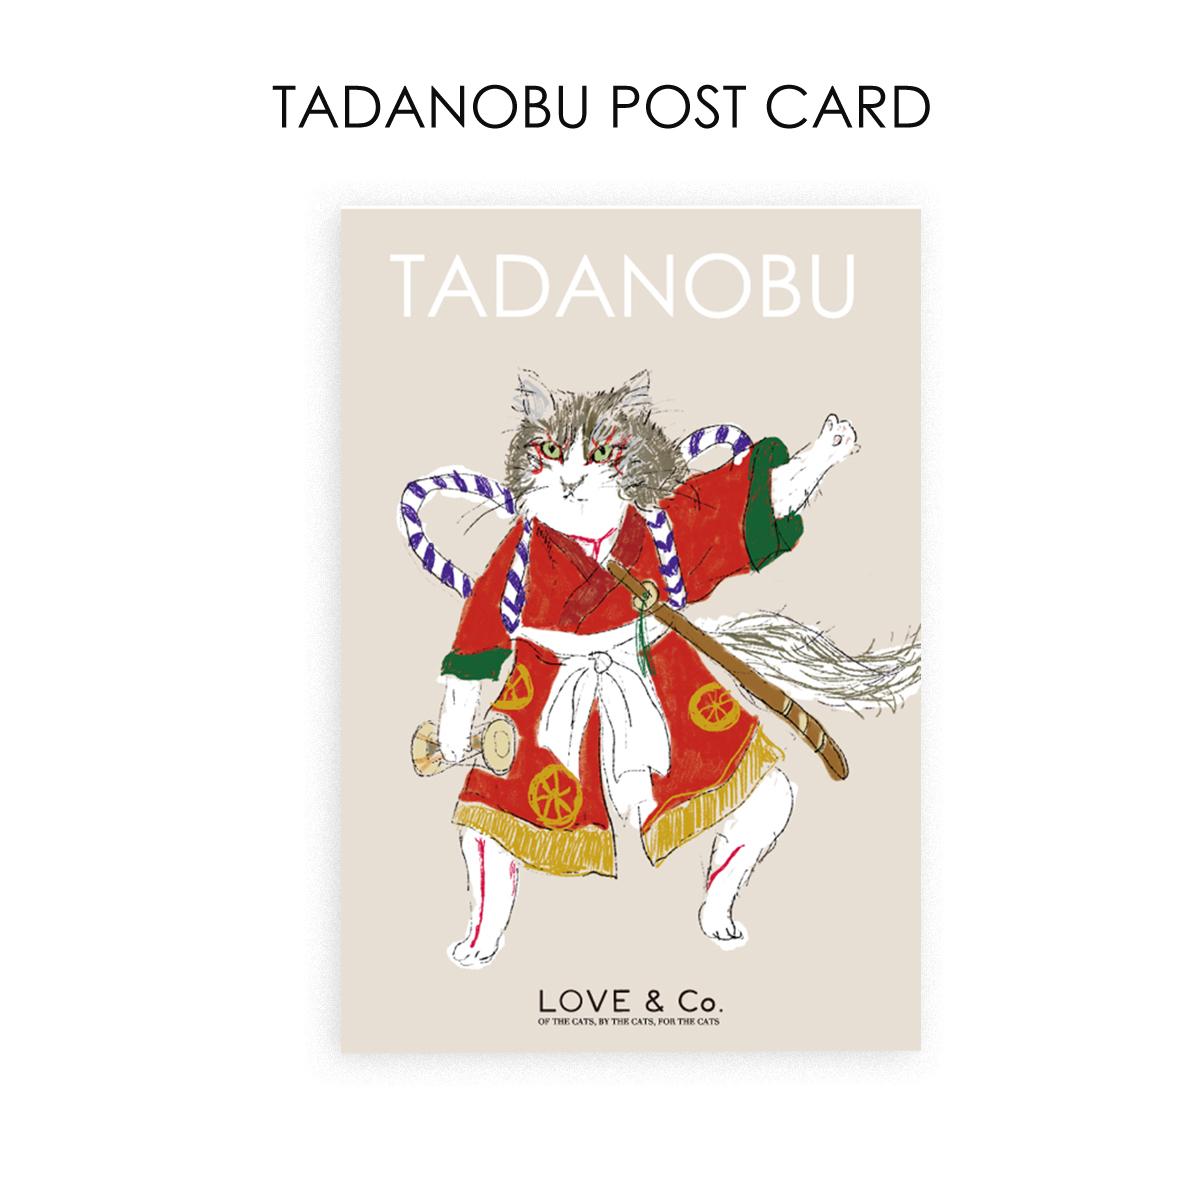 忠信応援寄付付きポストカード 画像